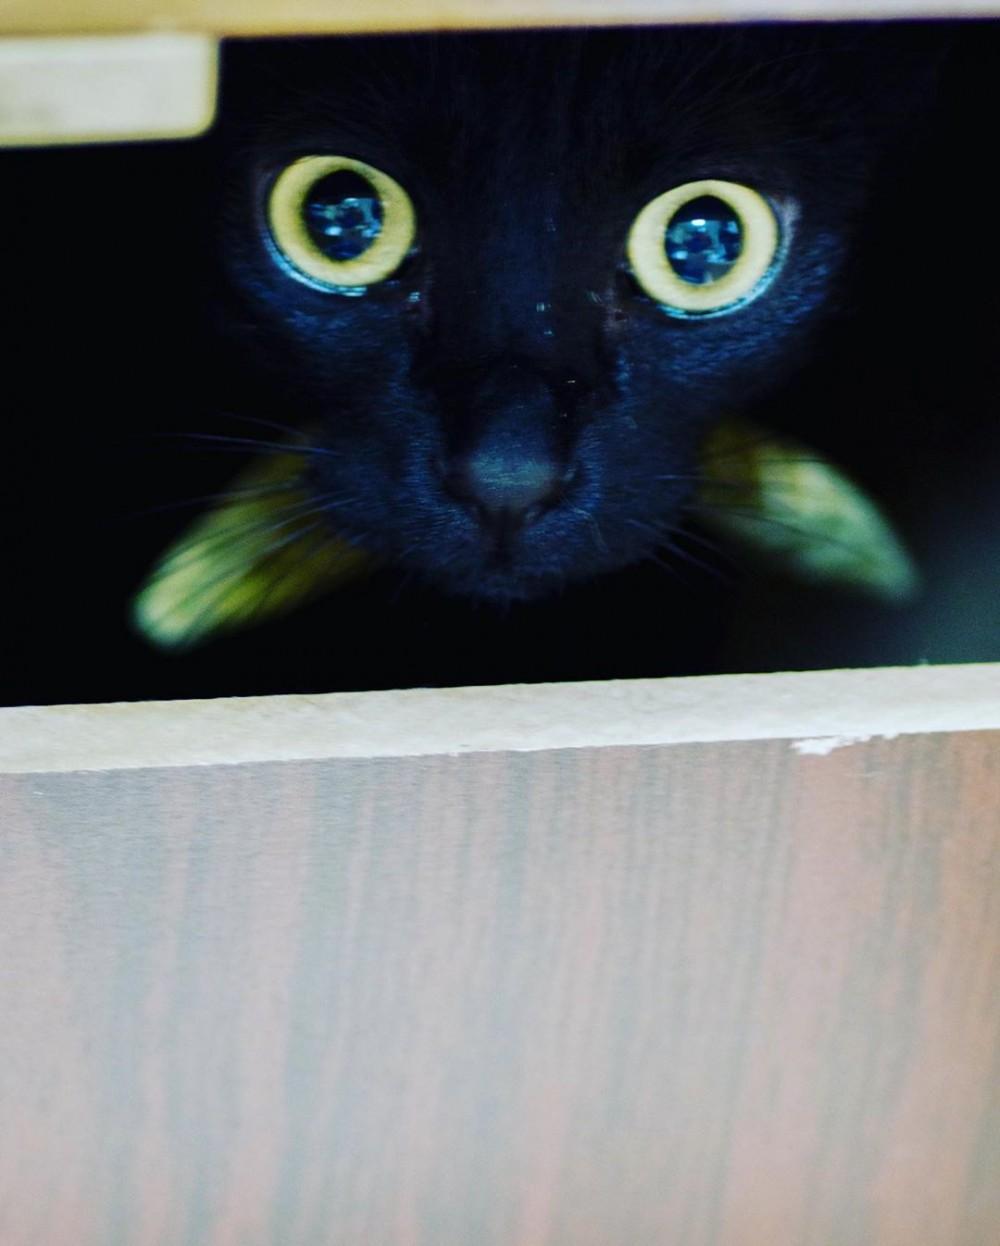 黑貓可洛被酷搜恐怖電影「牠」